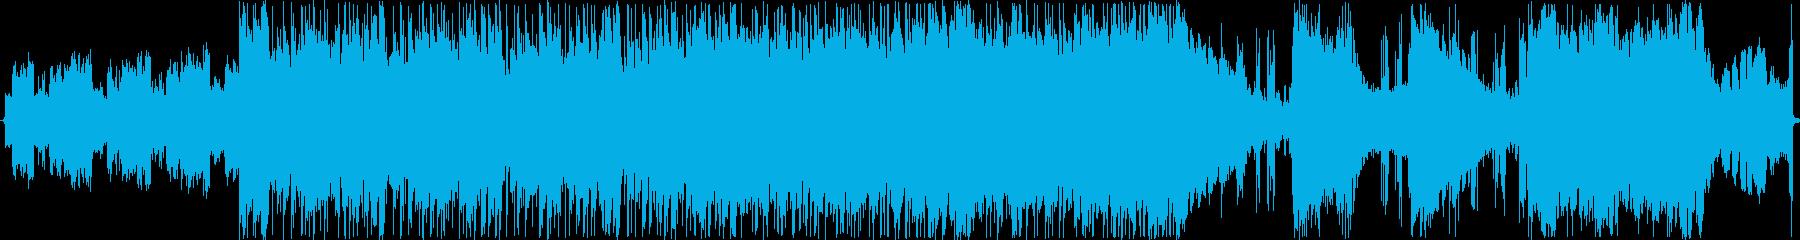 徐々に崩壊していくロックの再生済みの波形